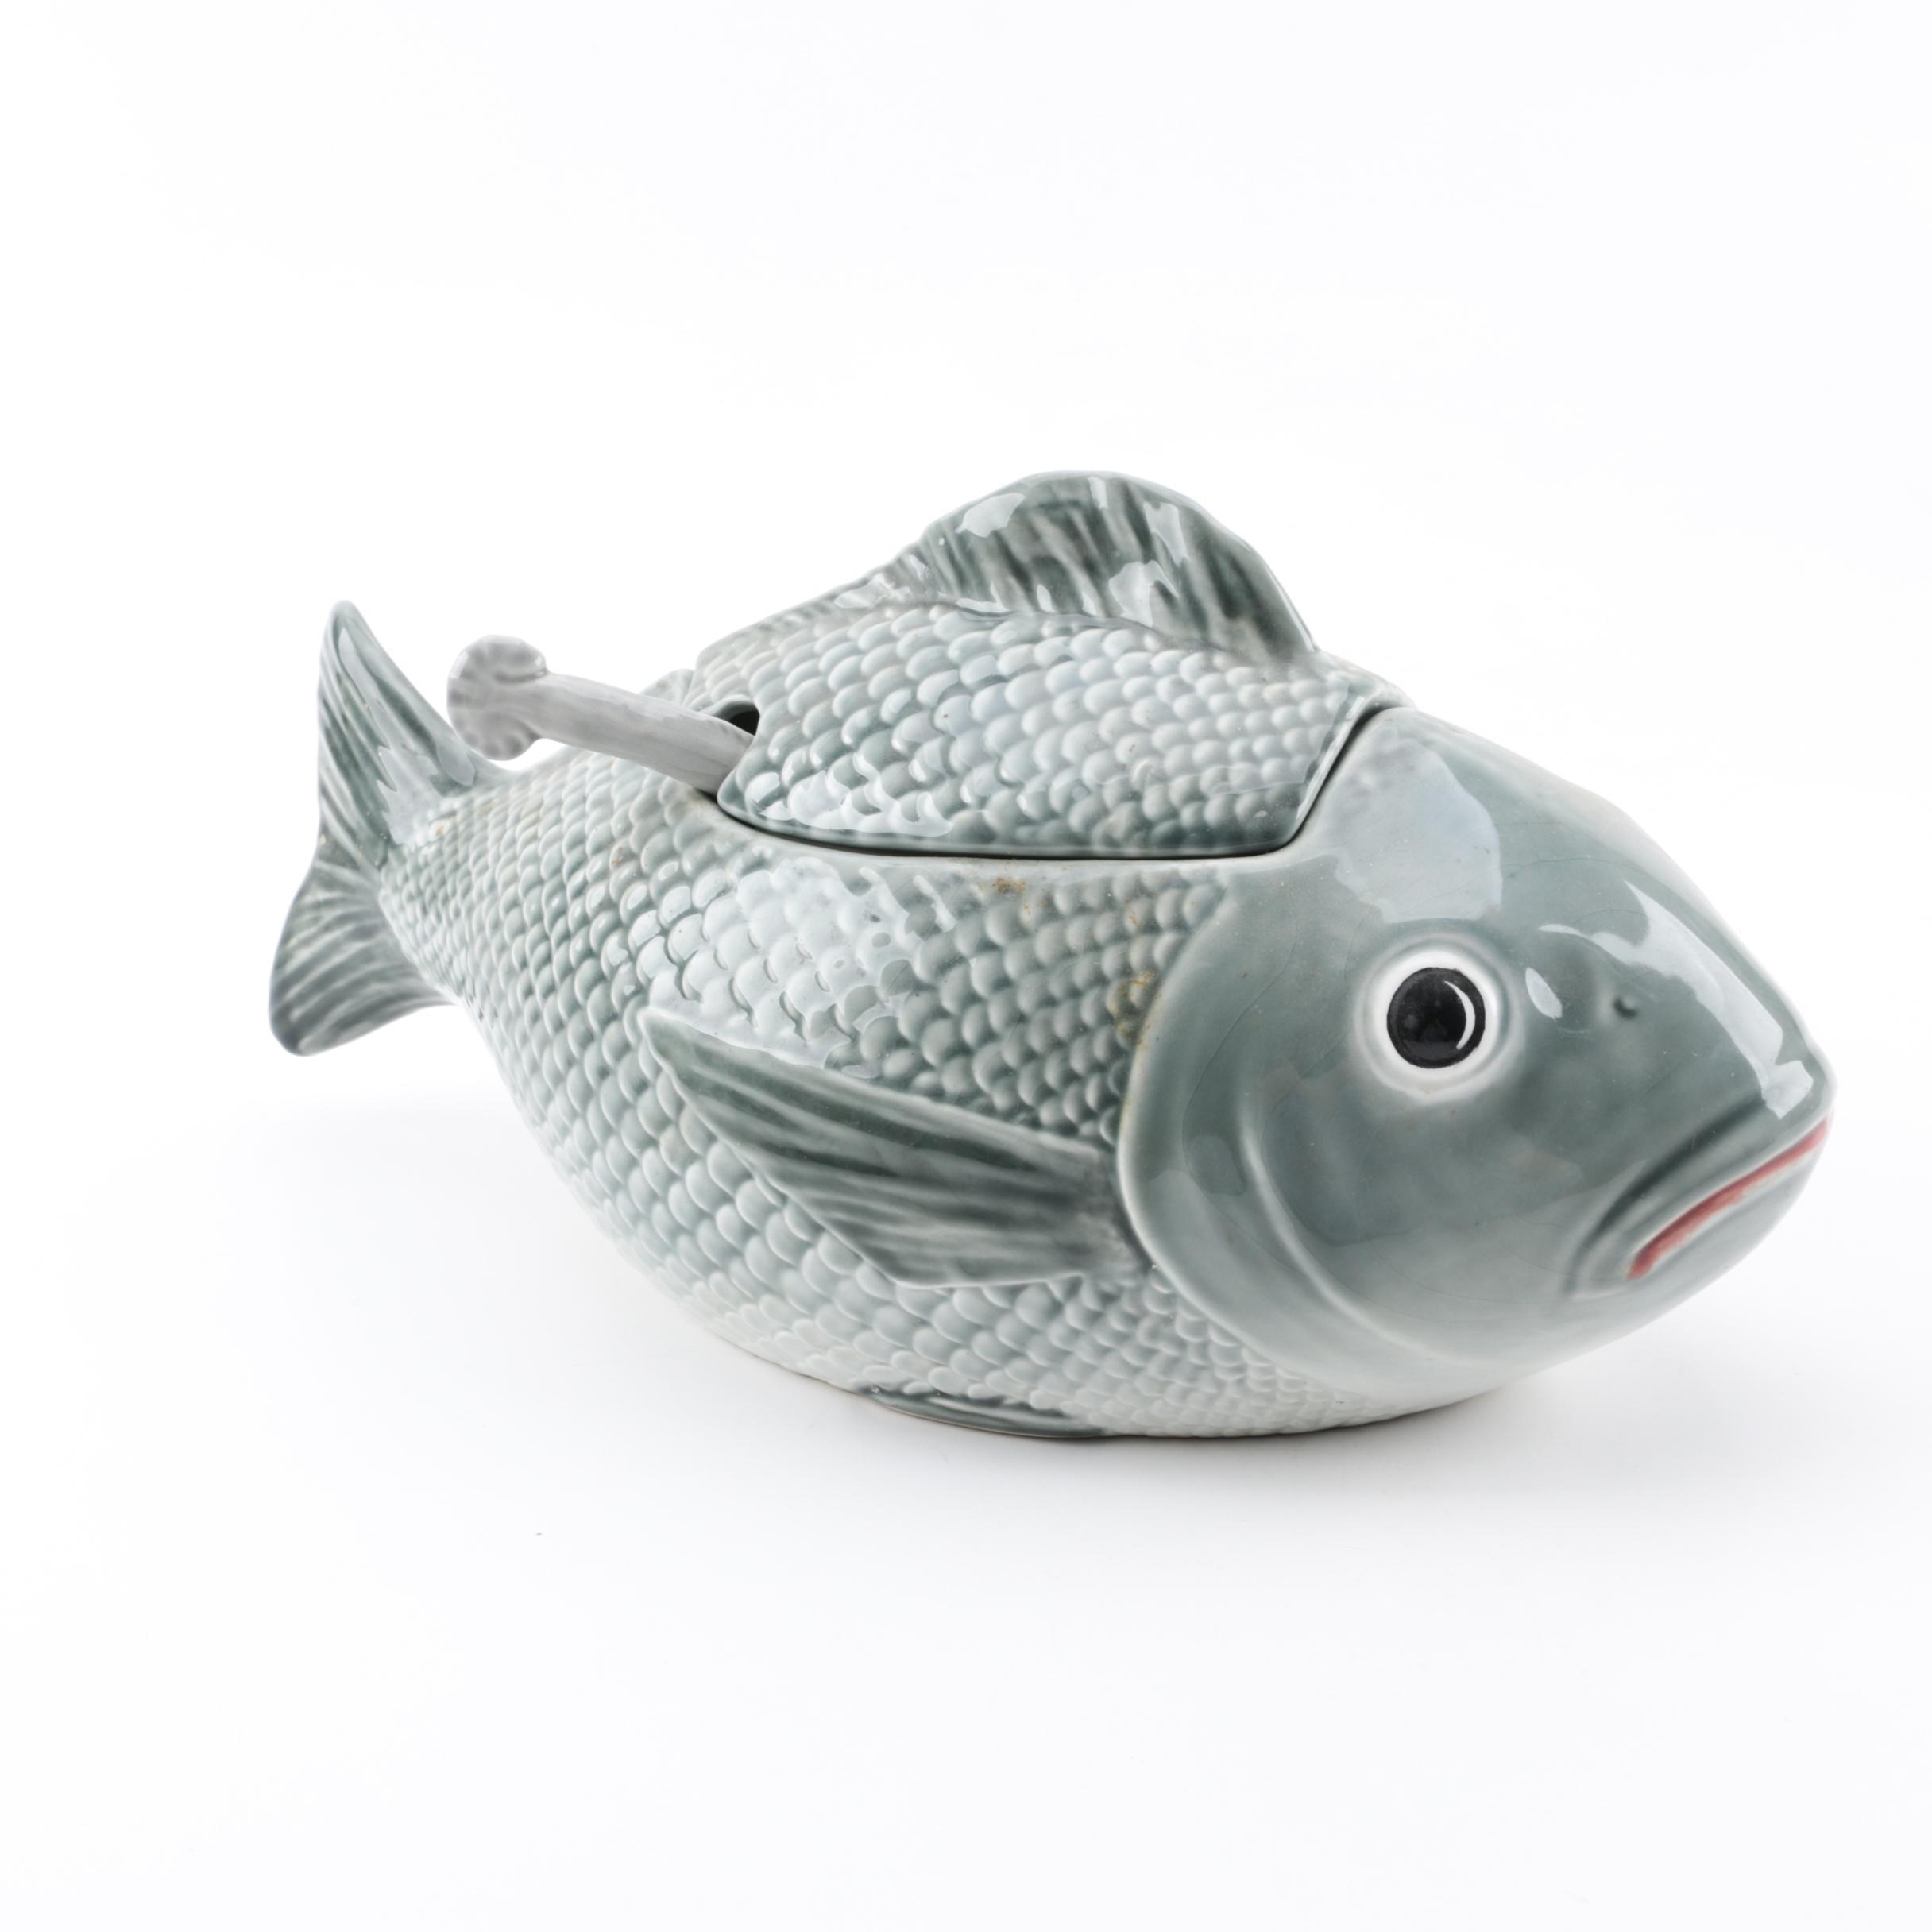 Faianças Belo Portuguese Majolica Fish Tureen